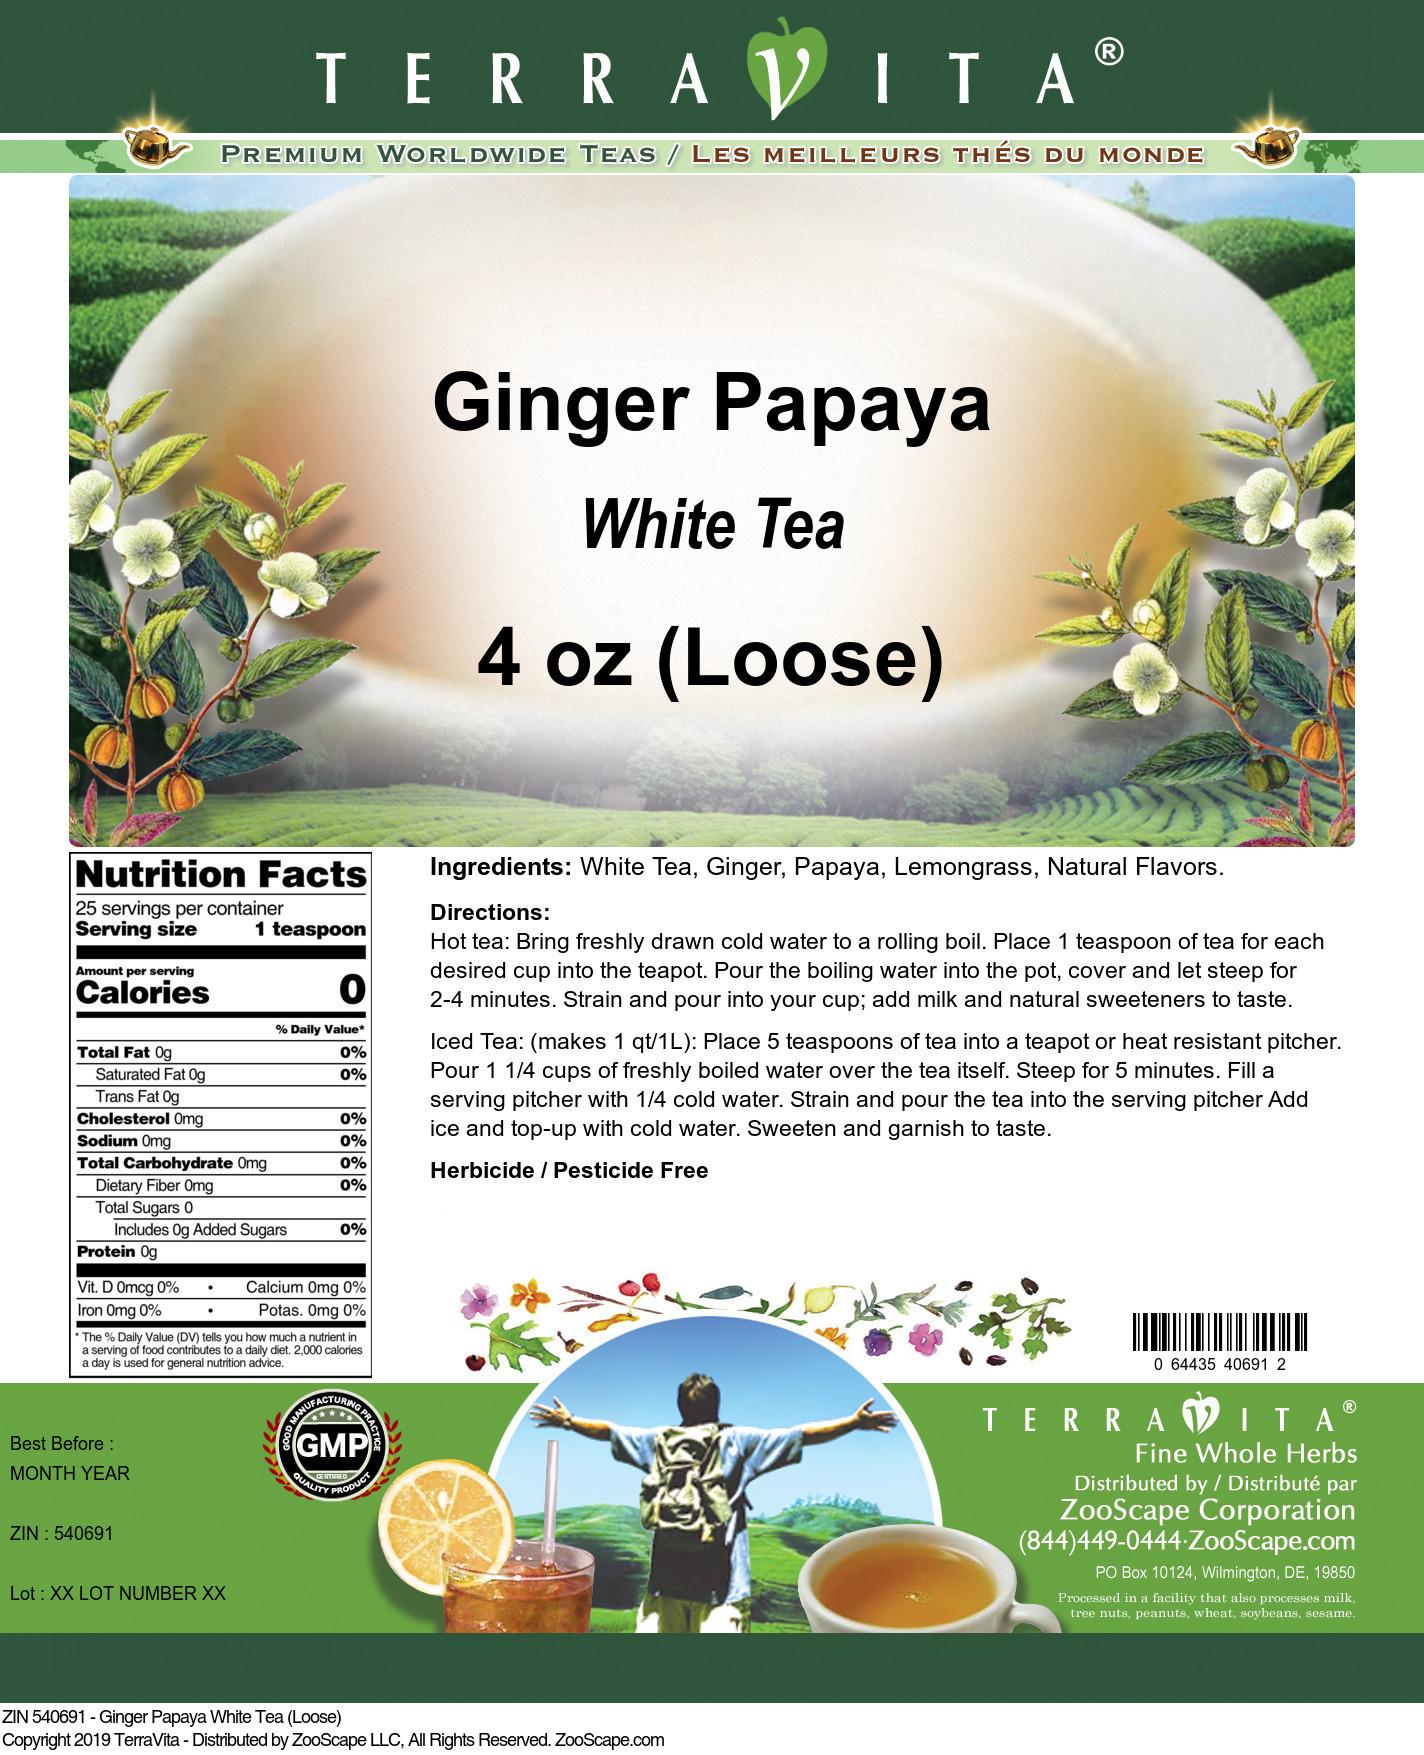 Ginger Papaya White Tea